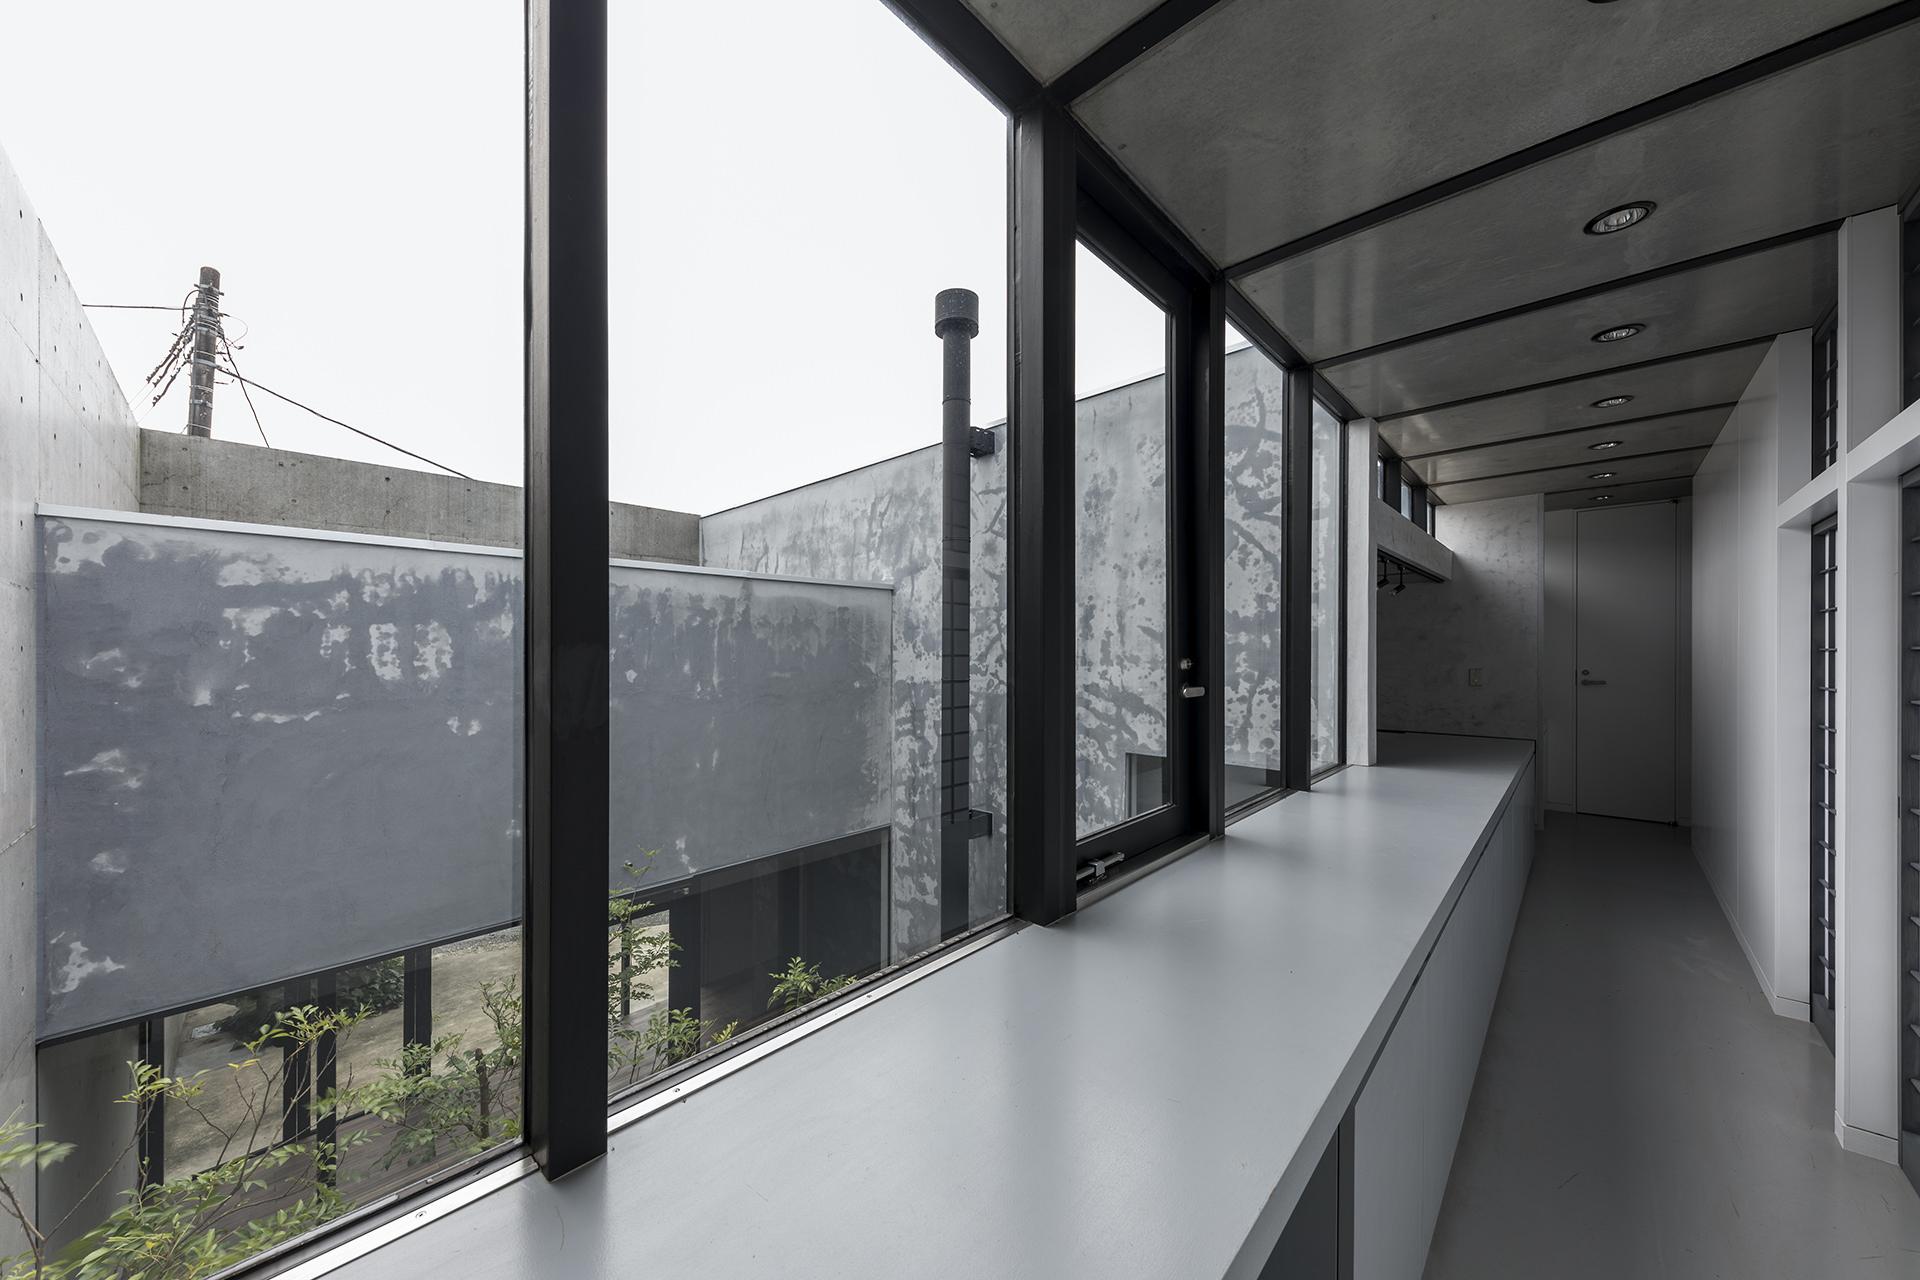 北鎌倉の家 イメージ10 撮影:東涌写真事務所・東涌宏和